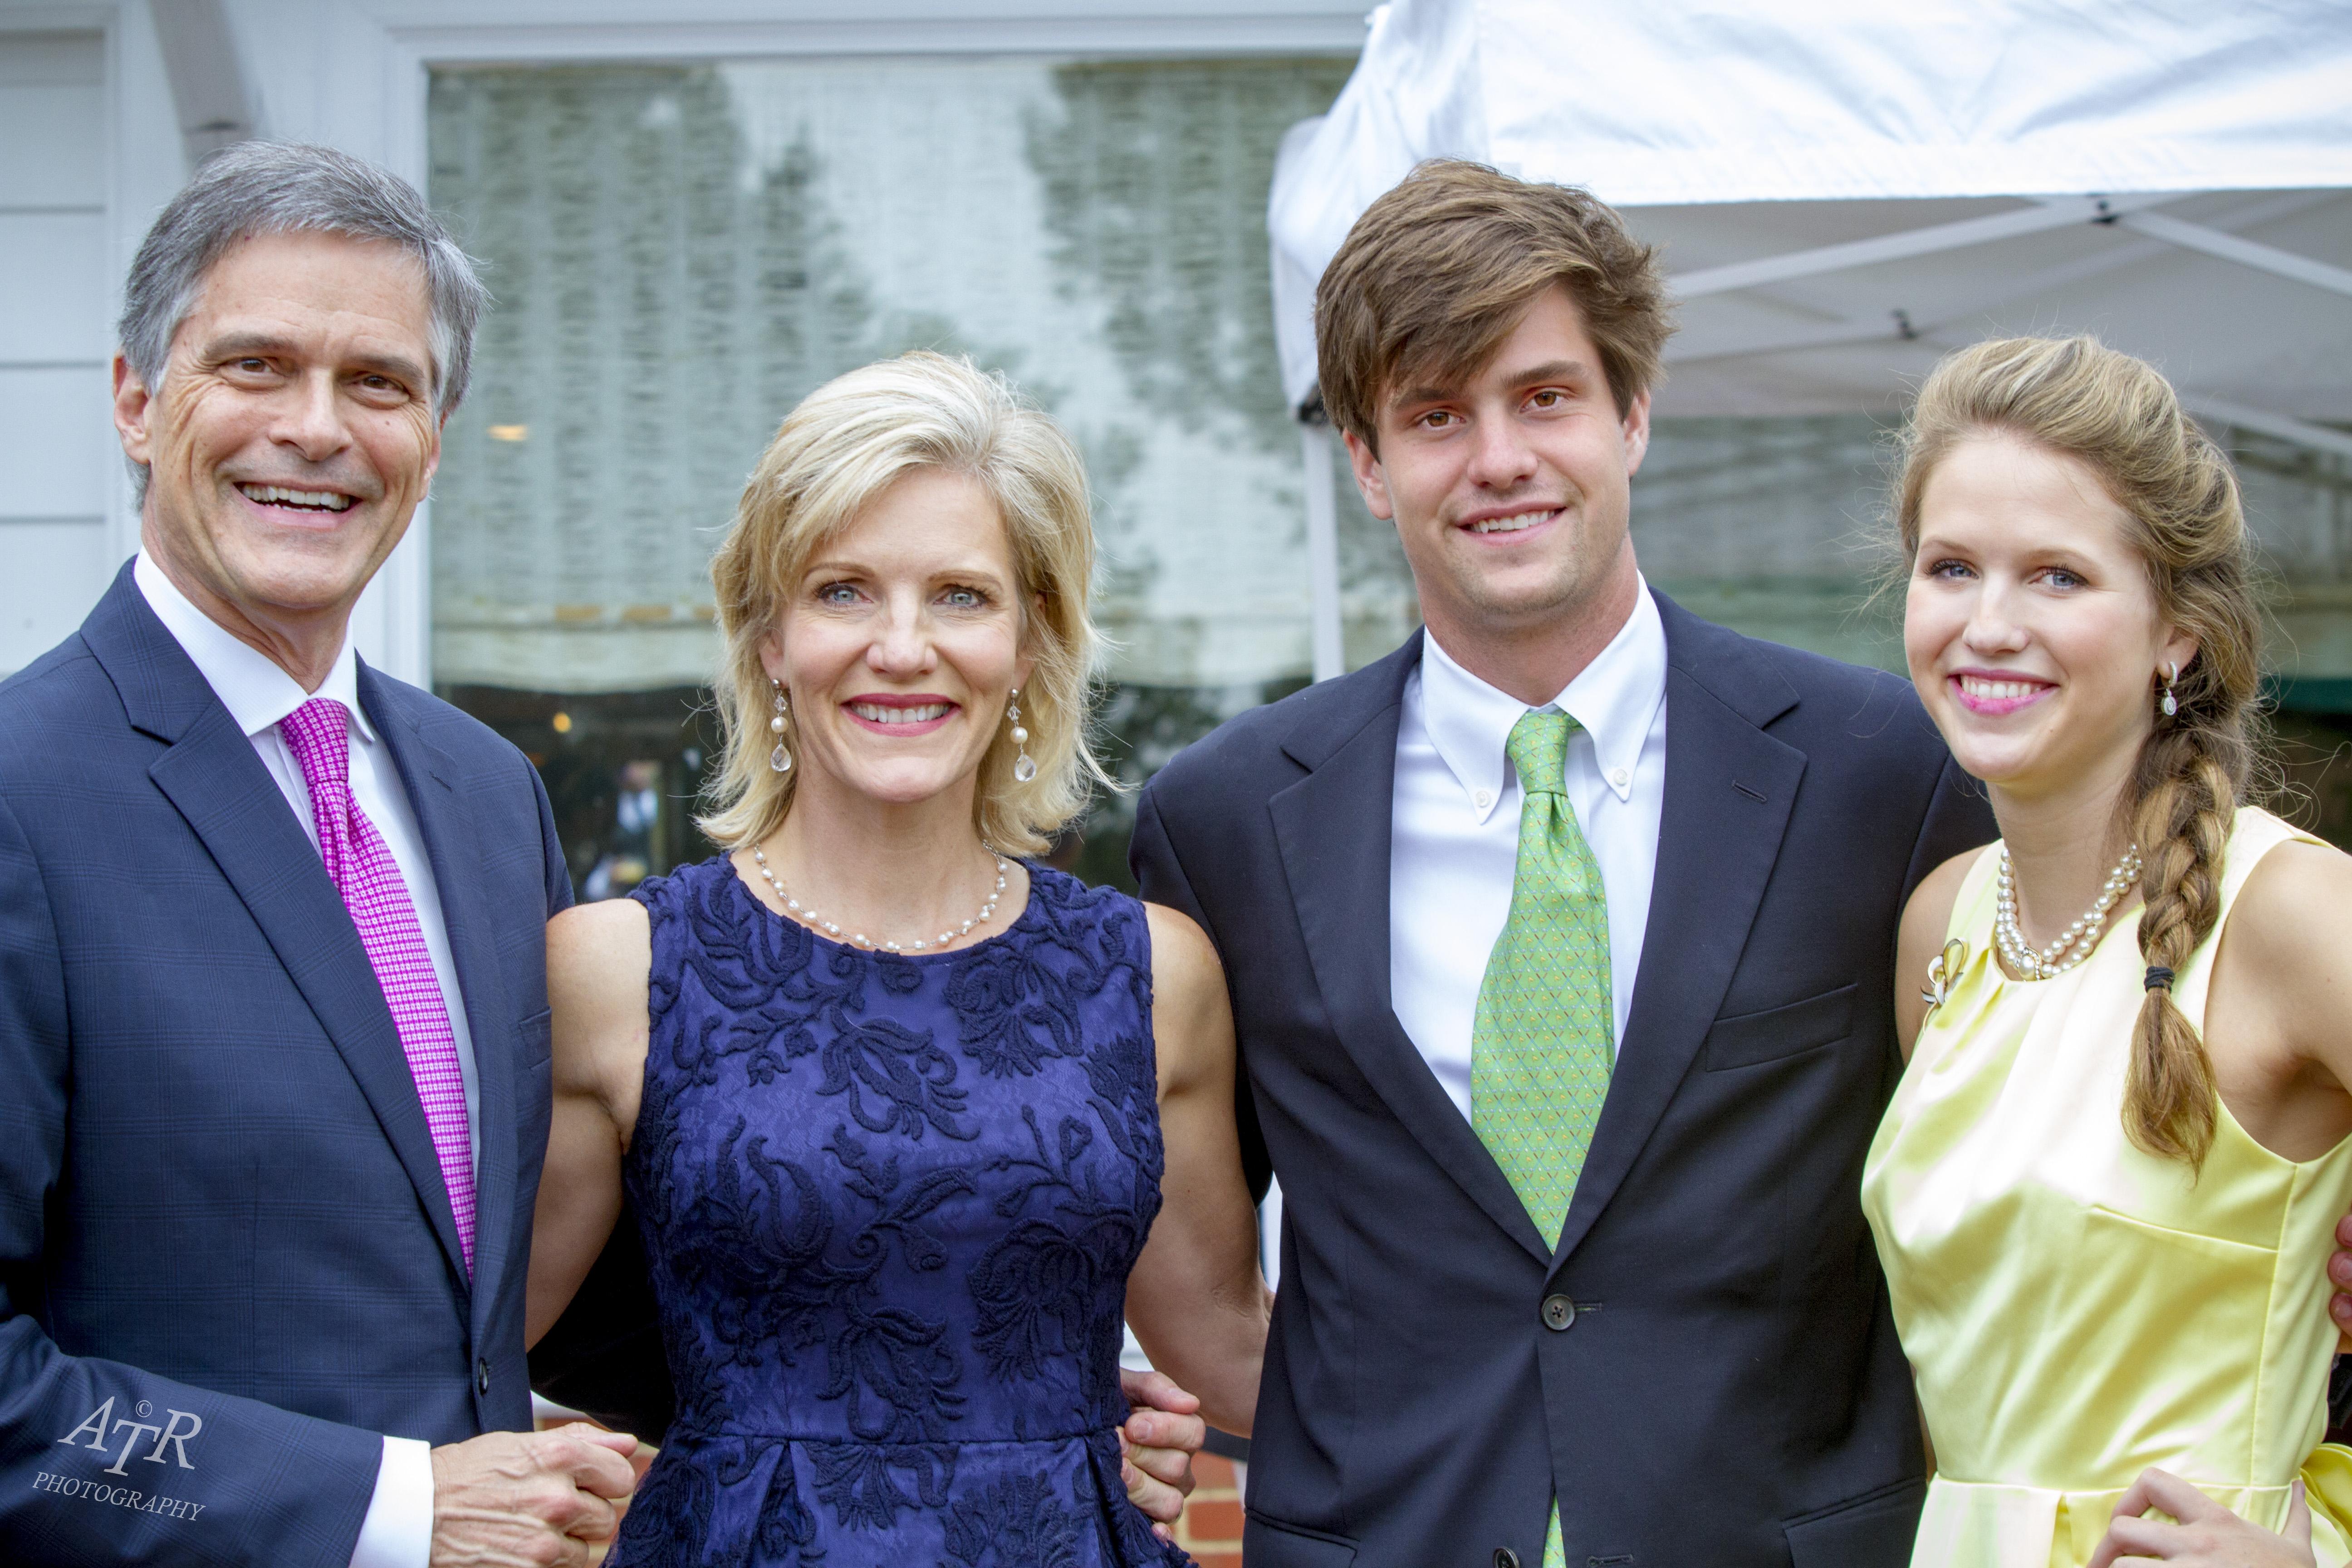 Kathryn & Gentry's Wedding